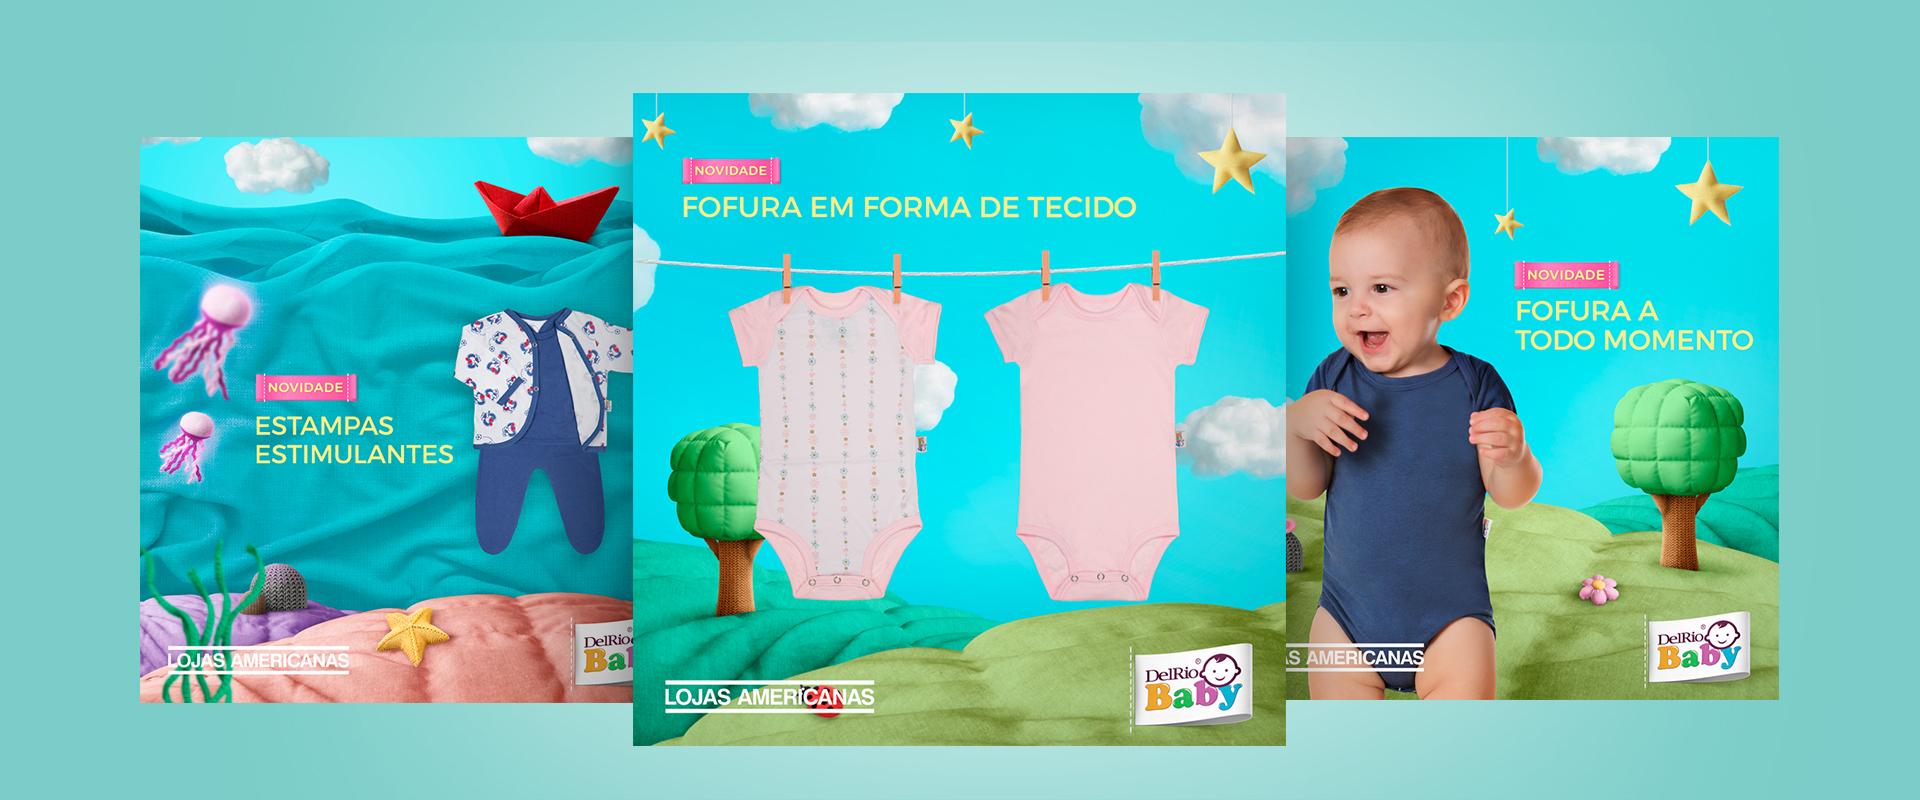 Campanha Digital DELRIO BABY e LOJAS AMERICANAS